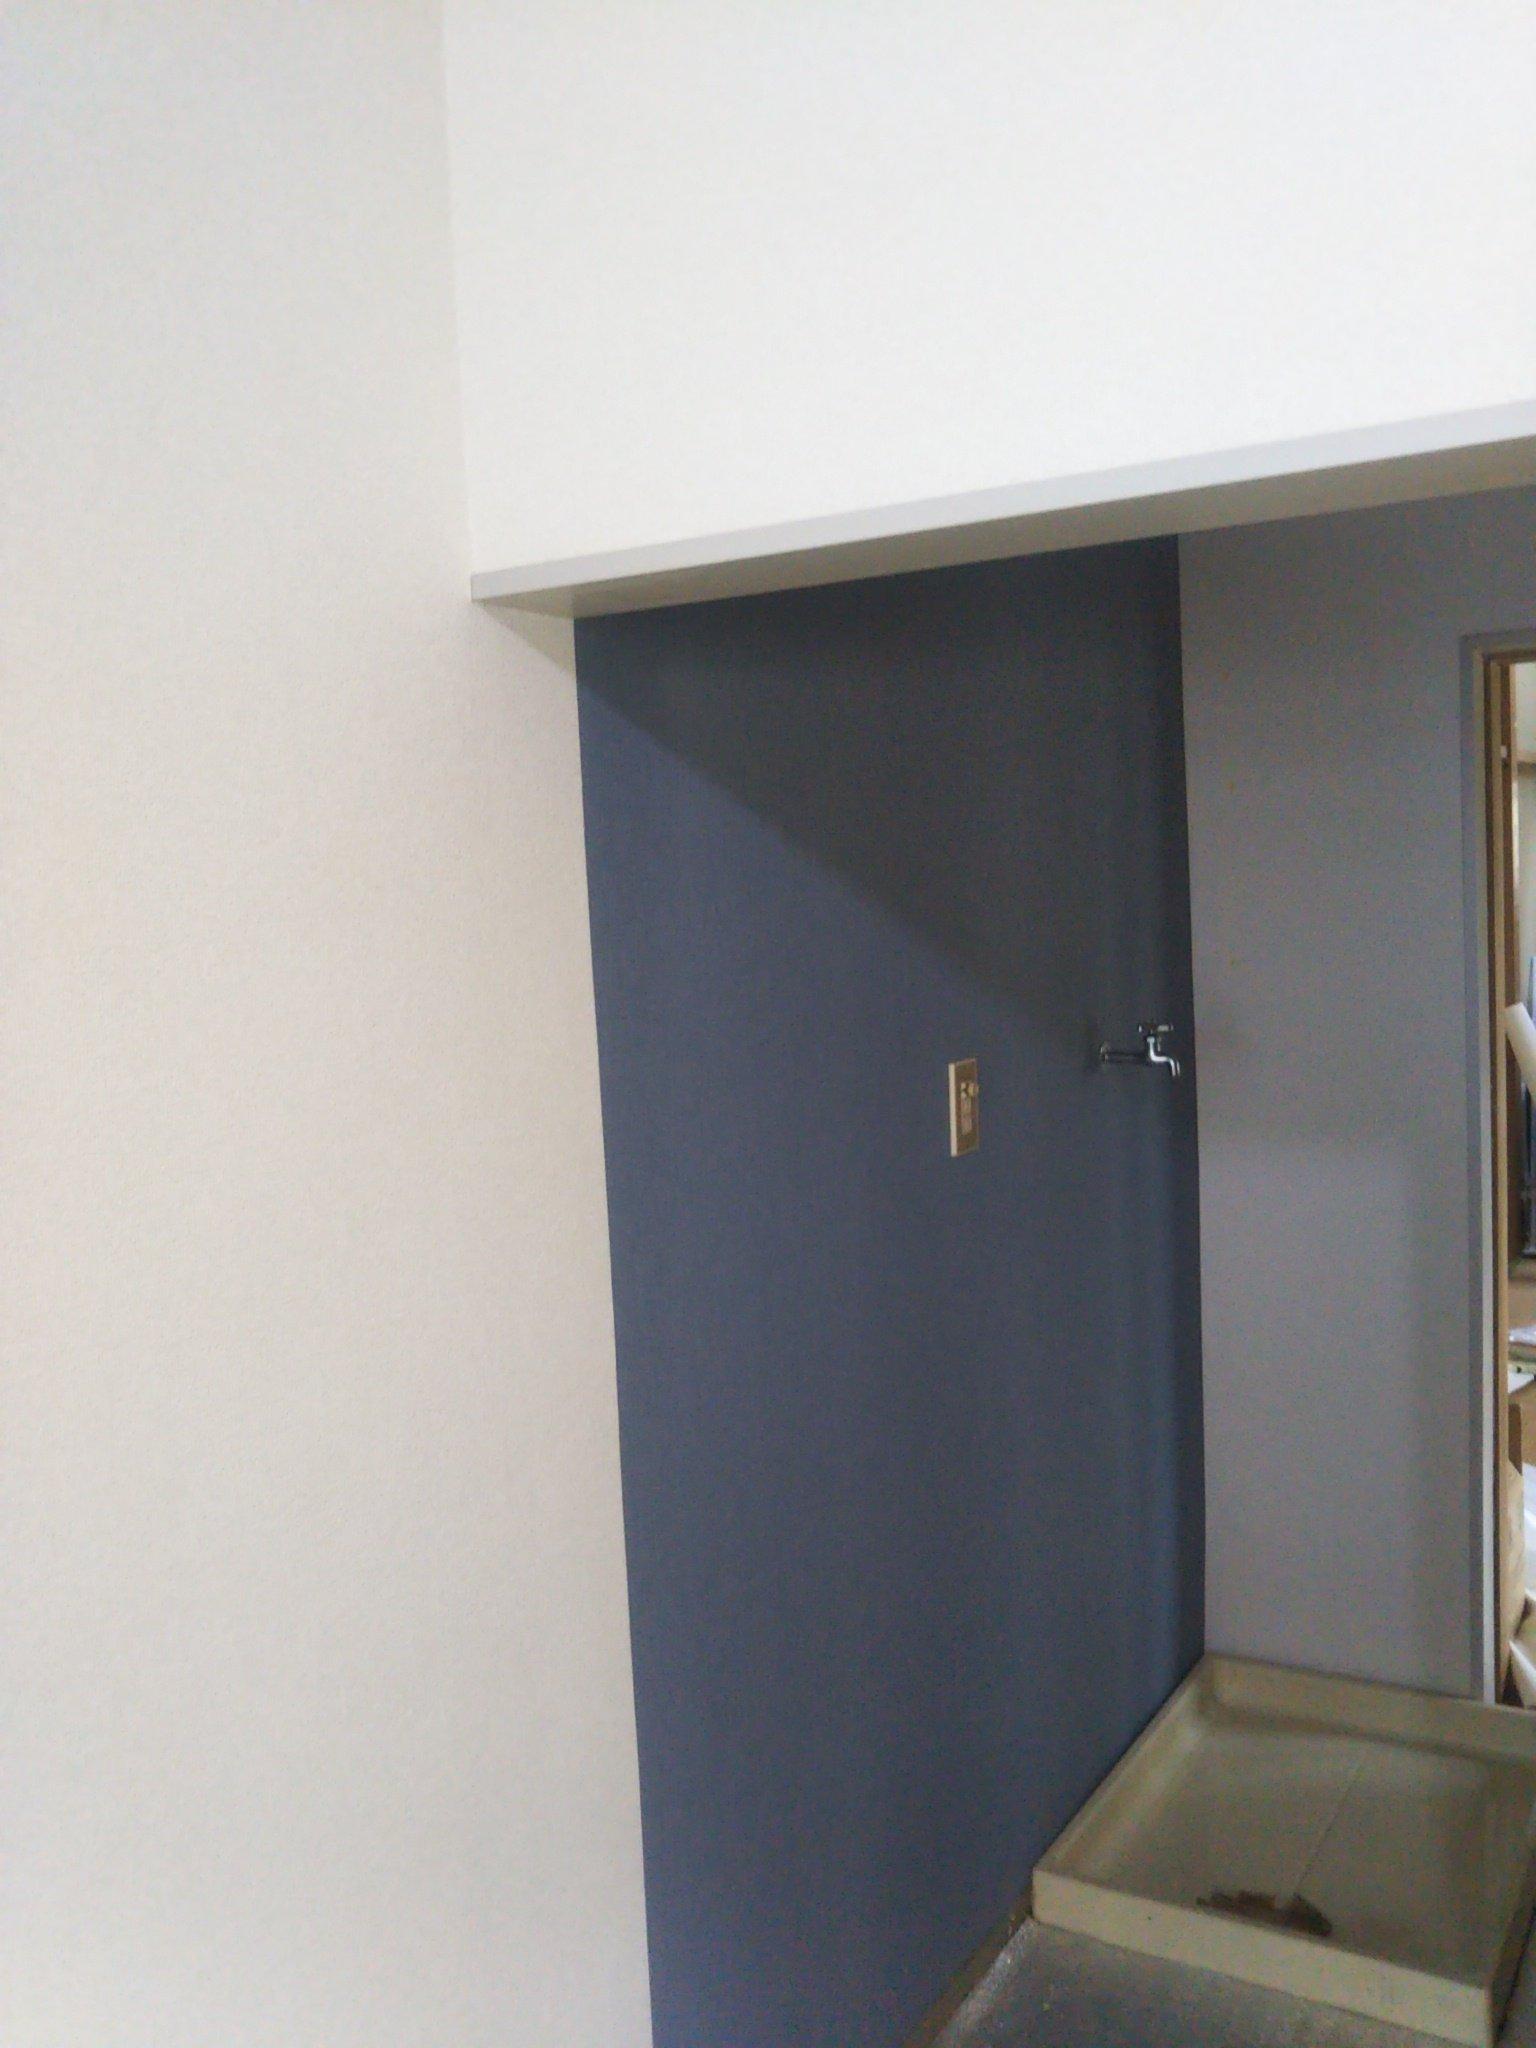 北区西が丘 賃貸物件のクロス張り替え クロス 壁紙 貼り替えや内装